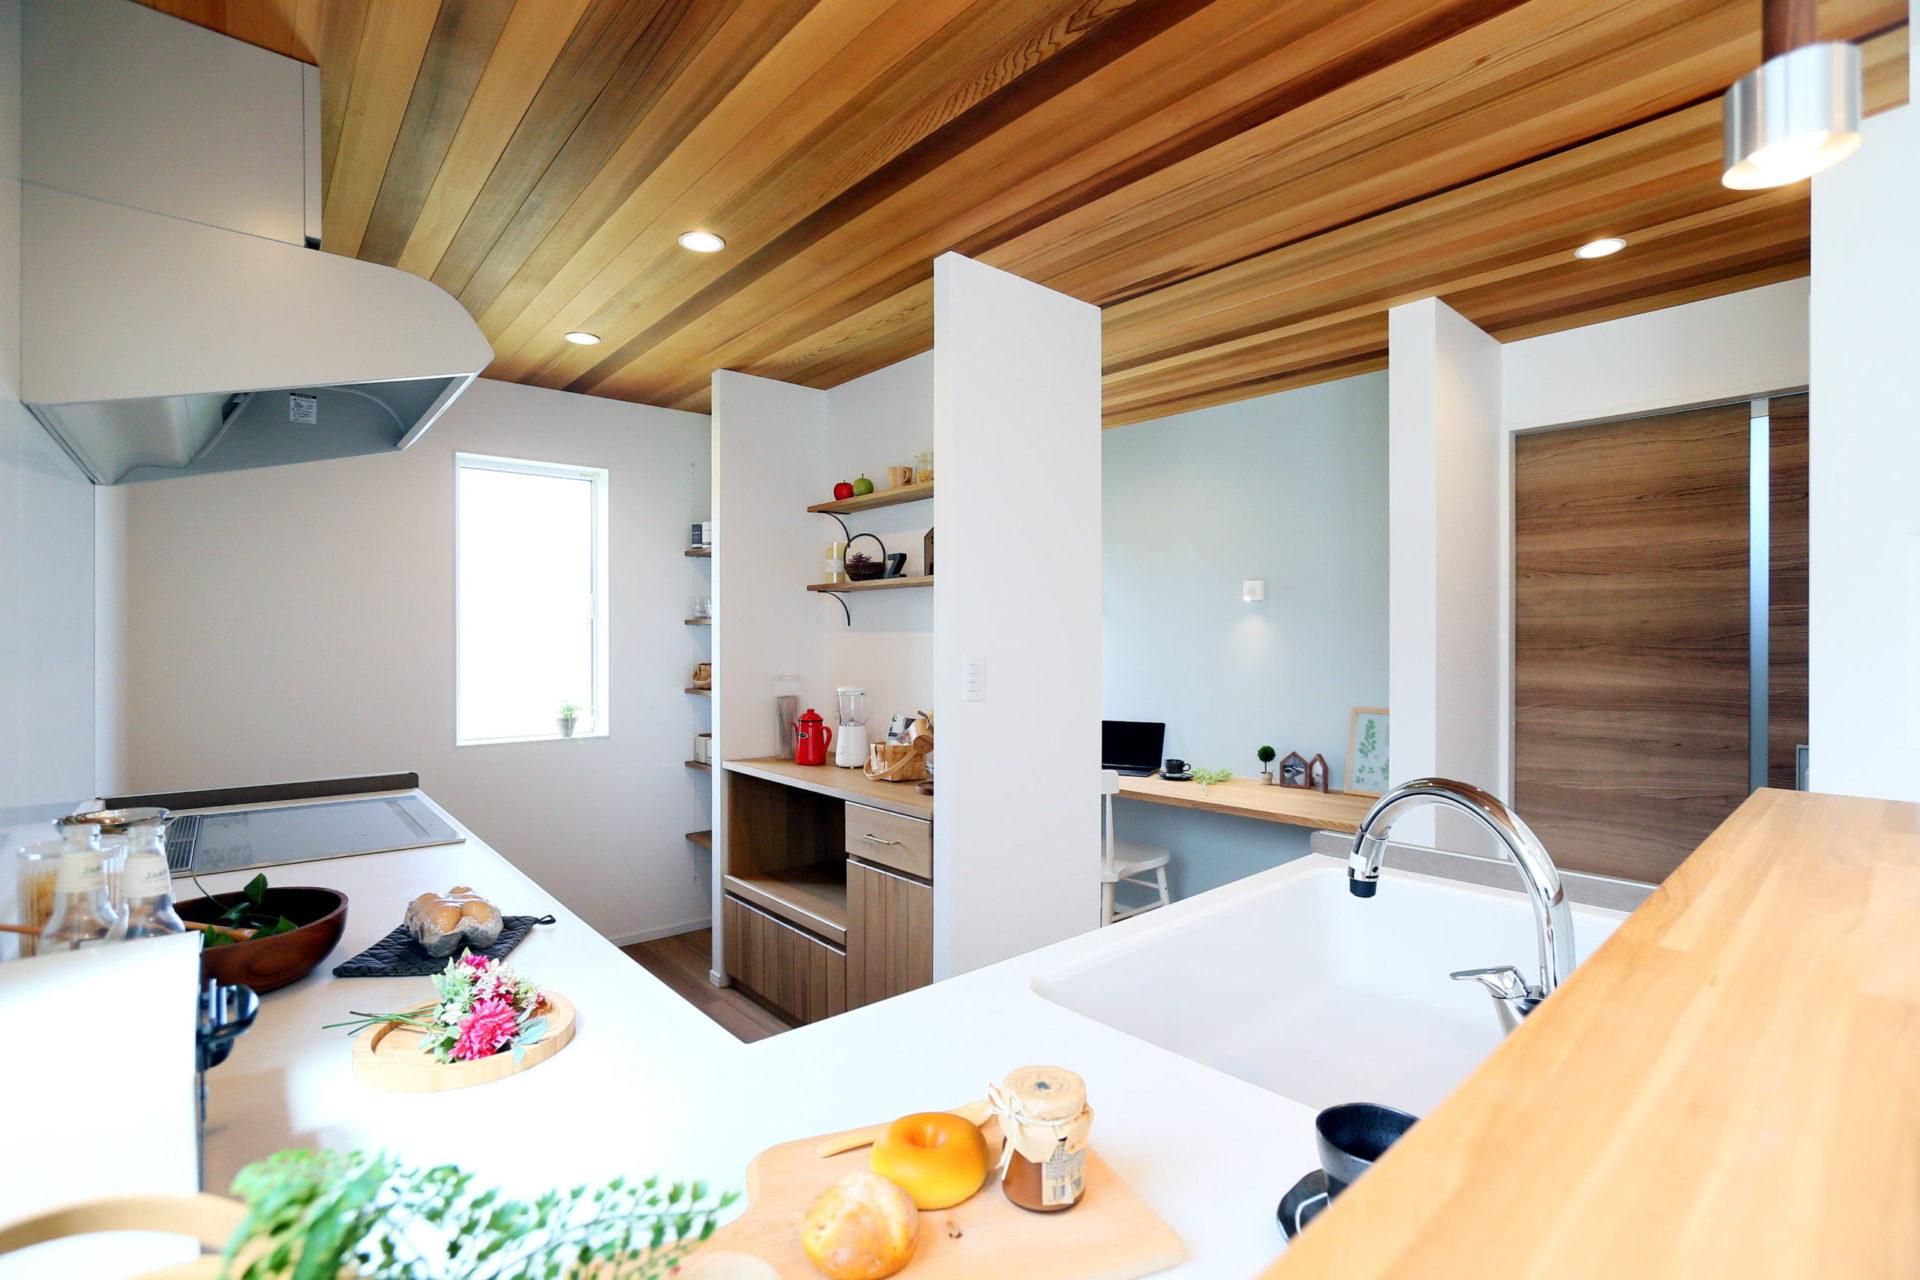 豊かな自然に映える 白い外壁の須坂市の家3